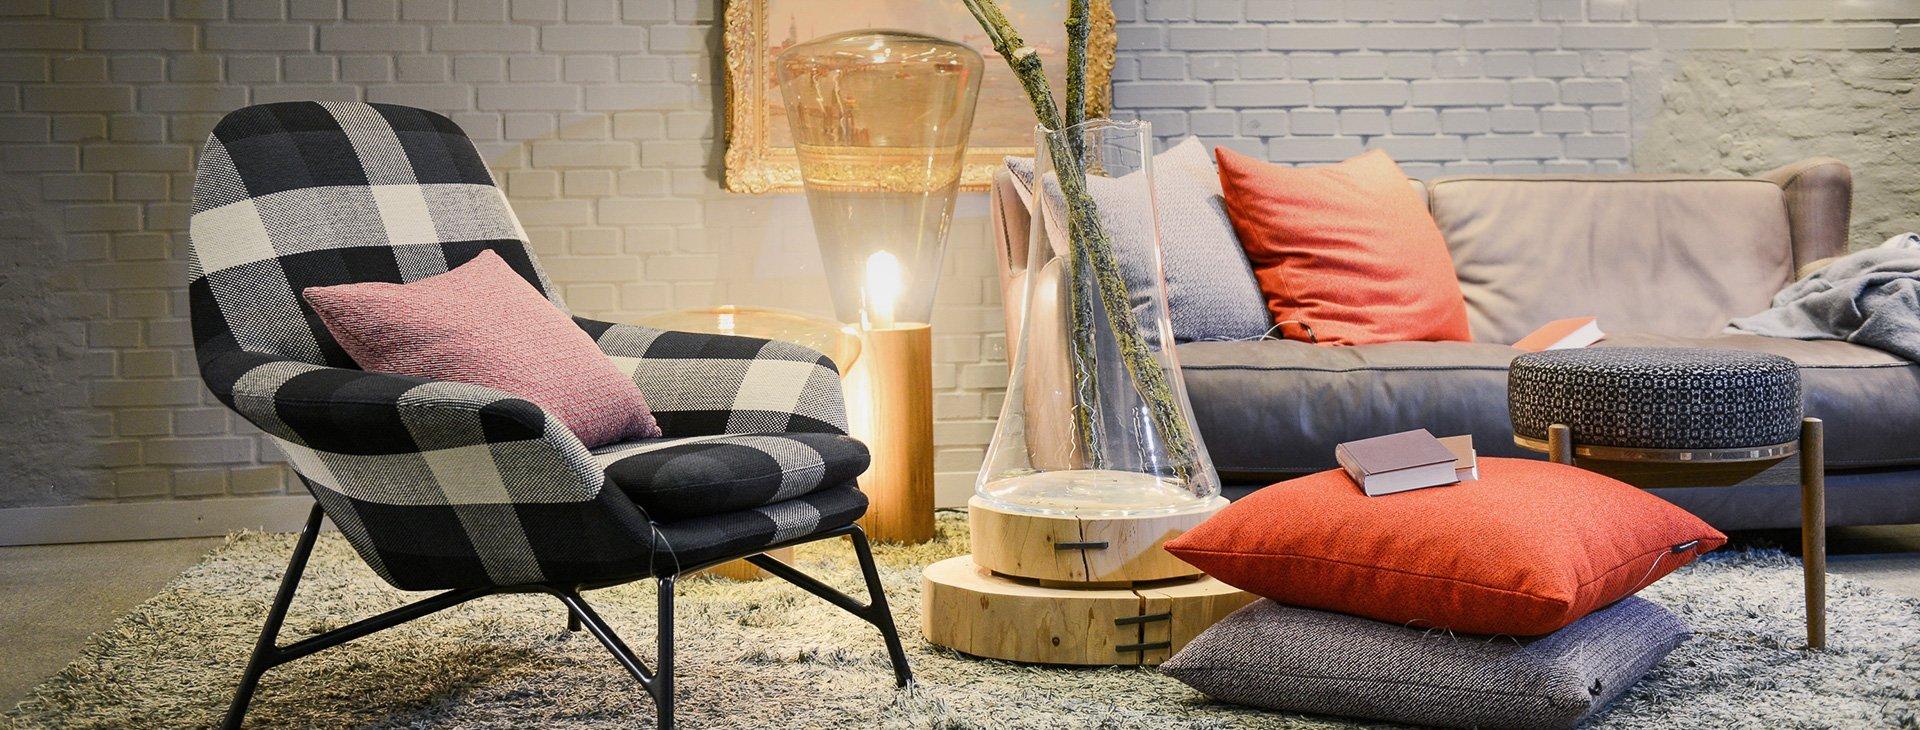 awesome einfache dekoration und mobel interview mit anika engelbrecht #1: #einefragedesdesigns: Norbert Engelbrecht